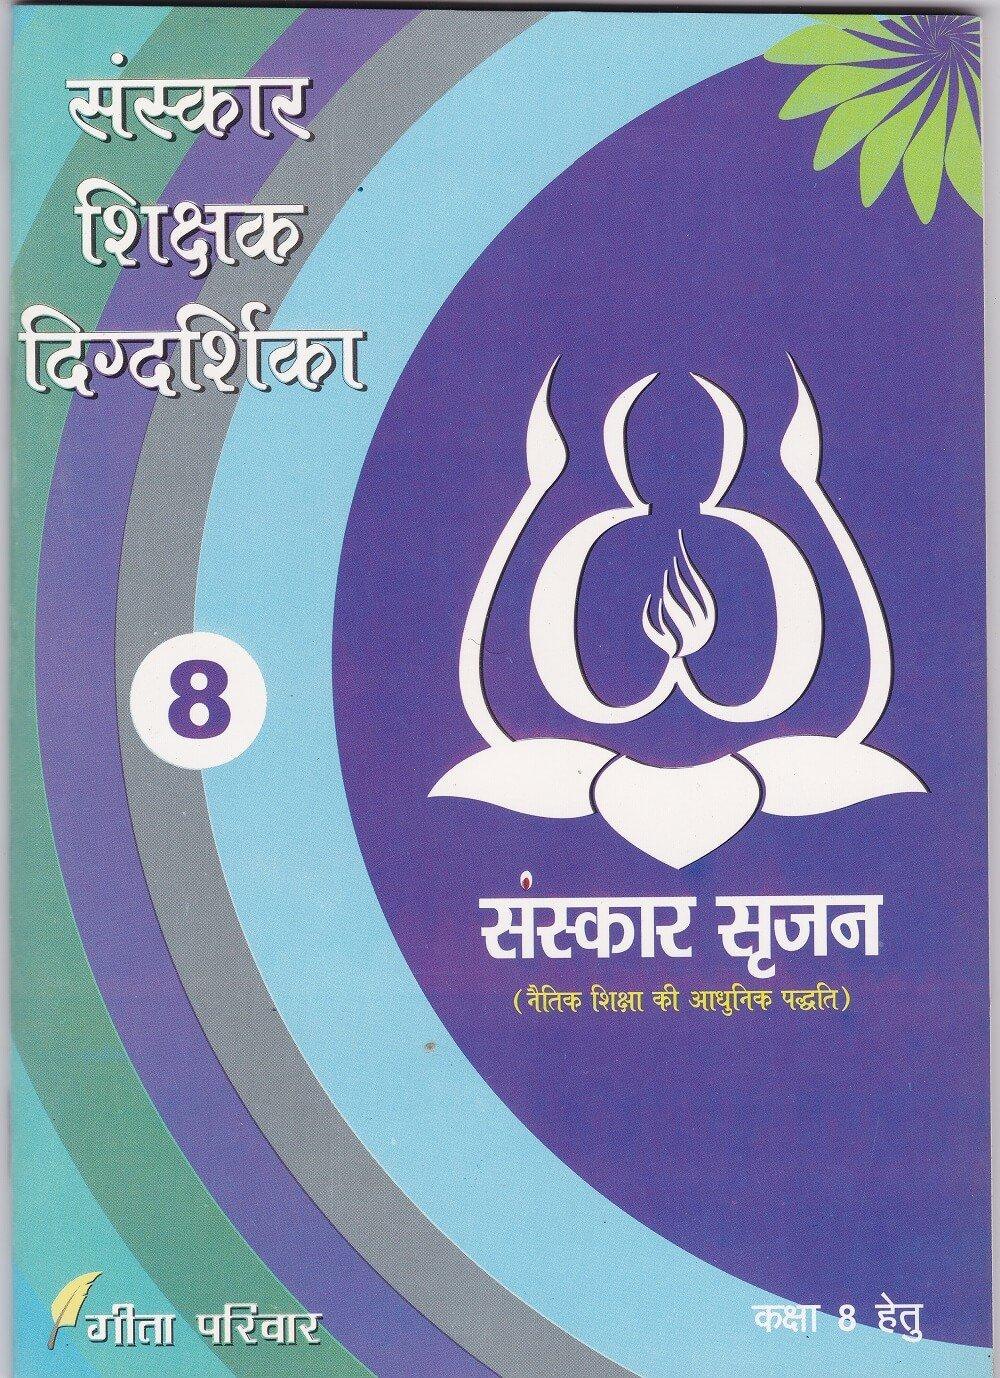 sanskar shikshak dindarshika-8